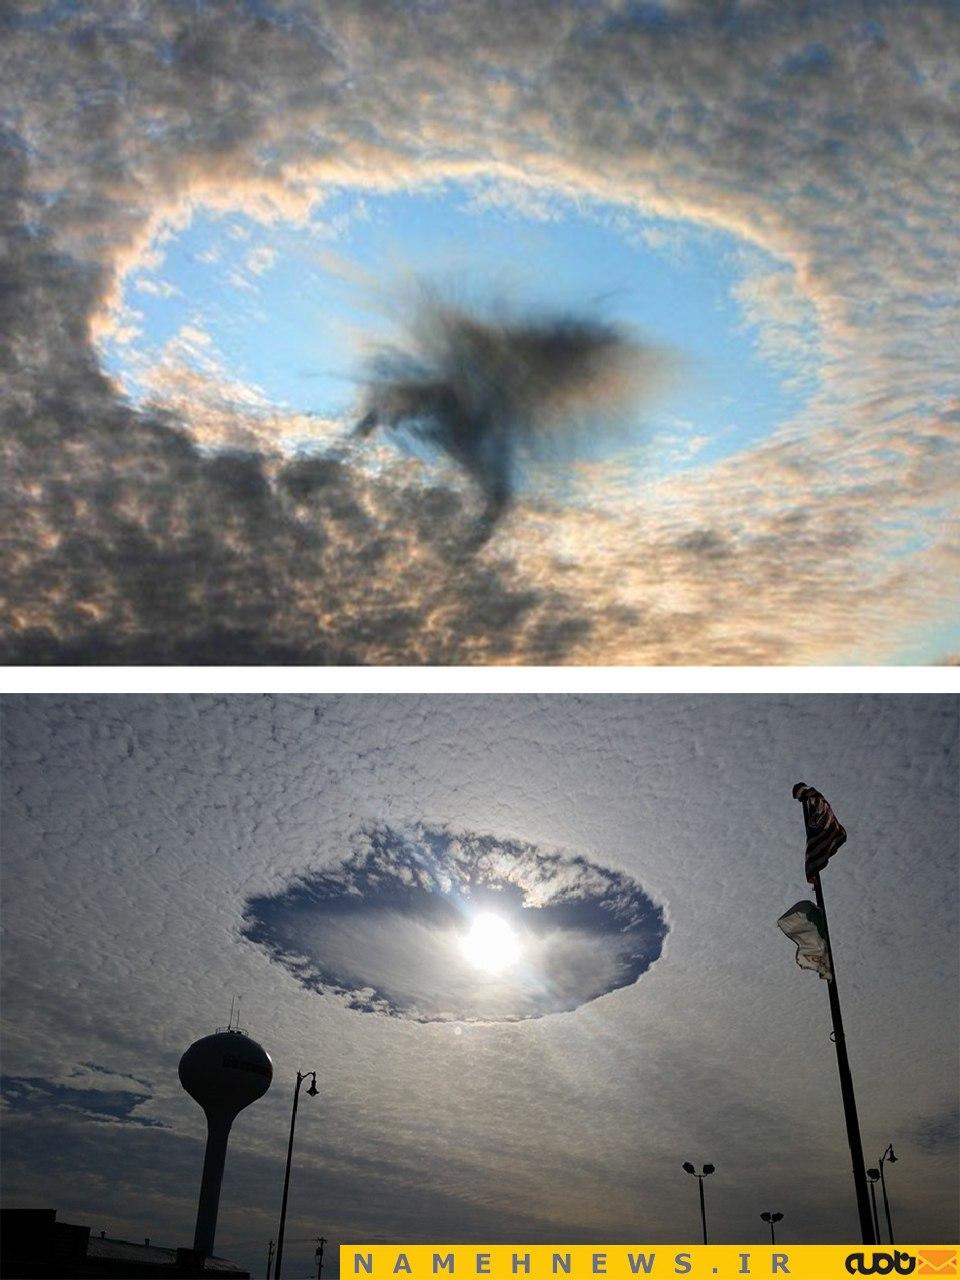 سوراخ آسمان را تا به حال دیده اید؟! +عکس